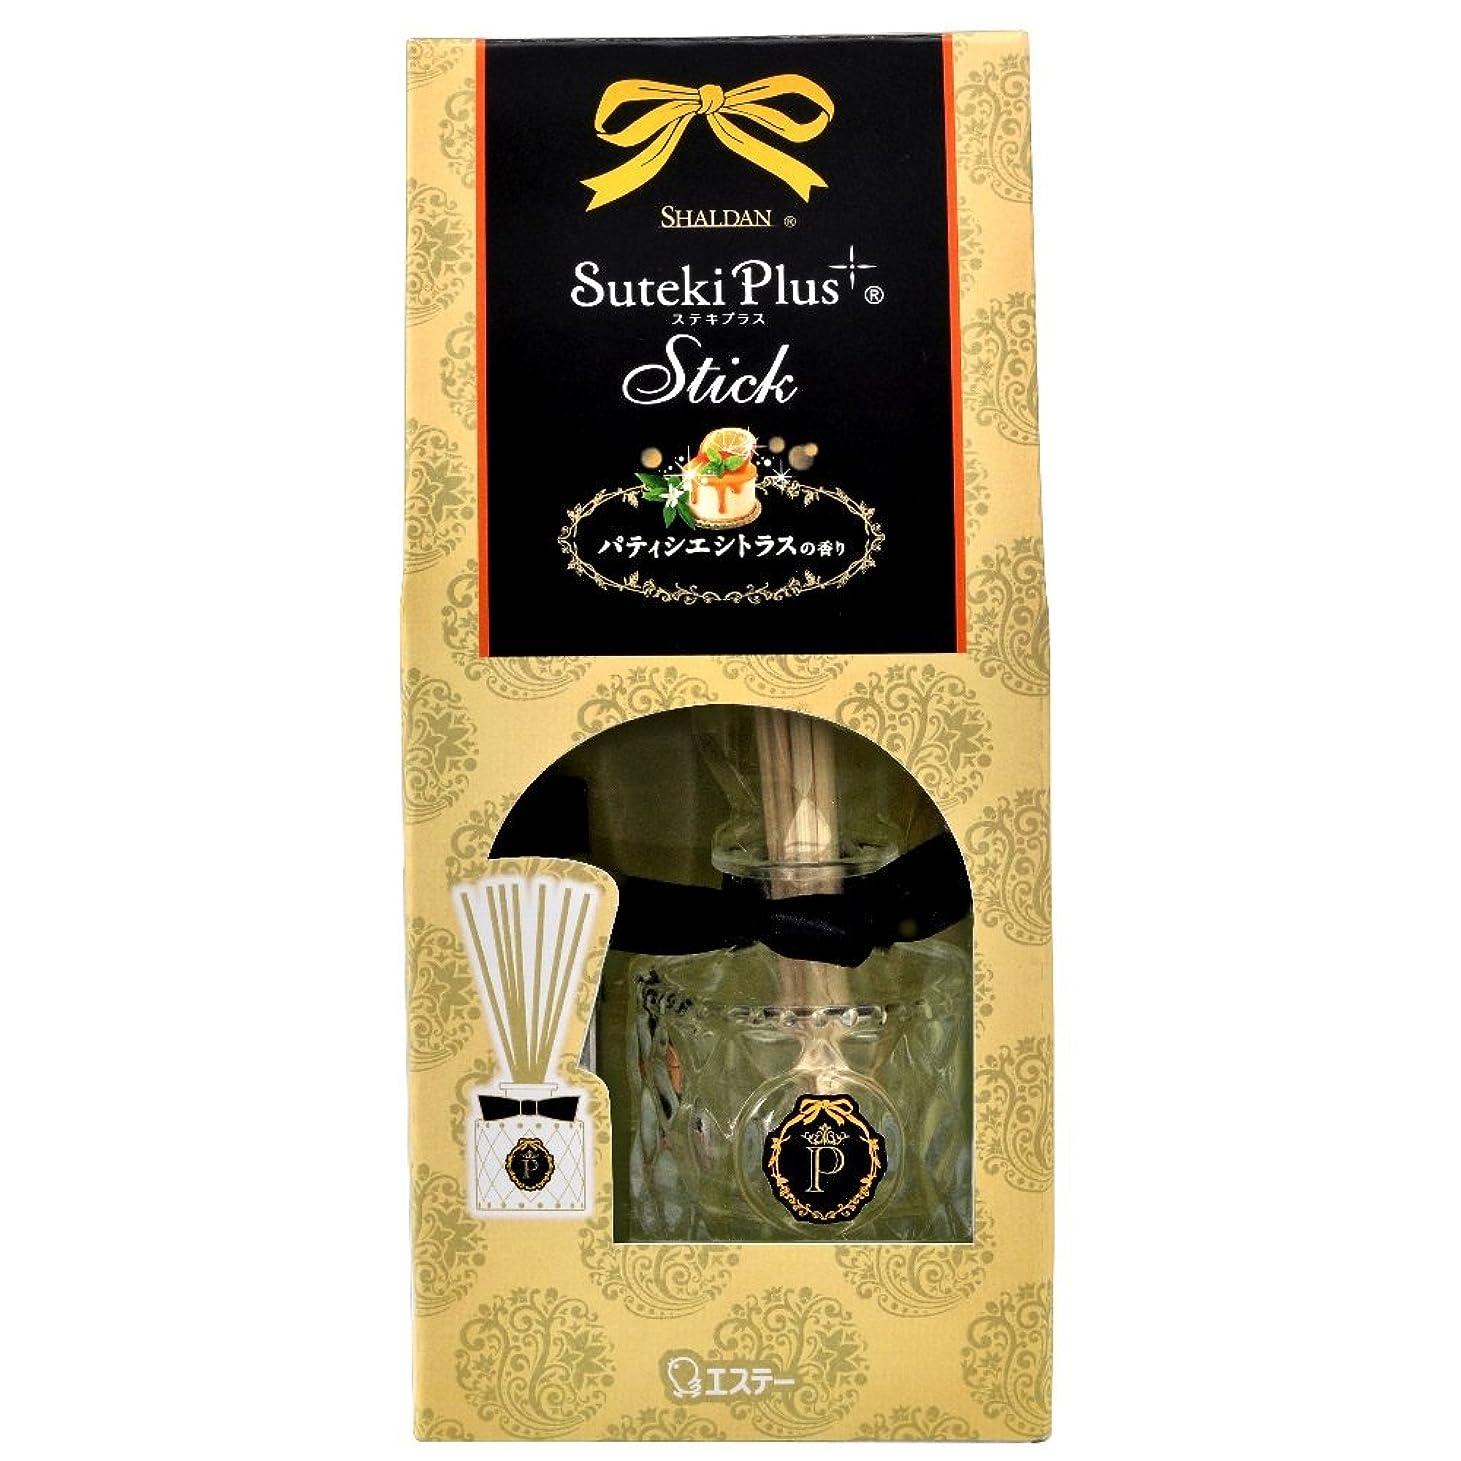 厄介な勝利した鳥シャルダン ステキプラス スティック 消臭芳香剤 部屋用 本体 パティシエシトラスの香り 45ml